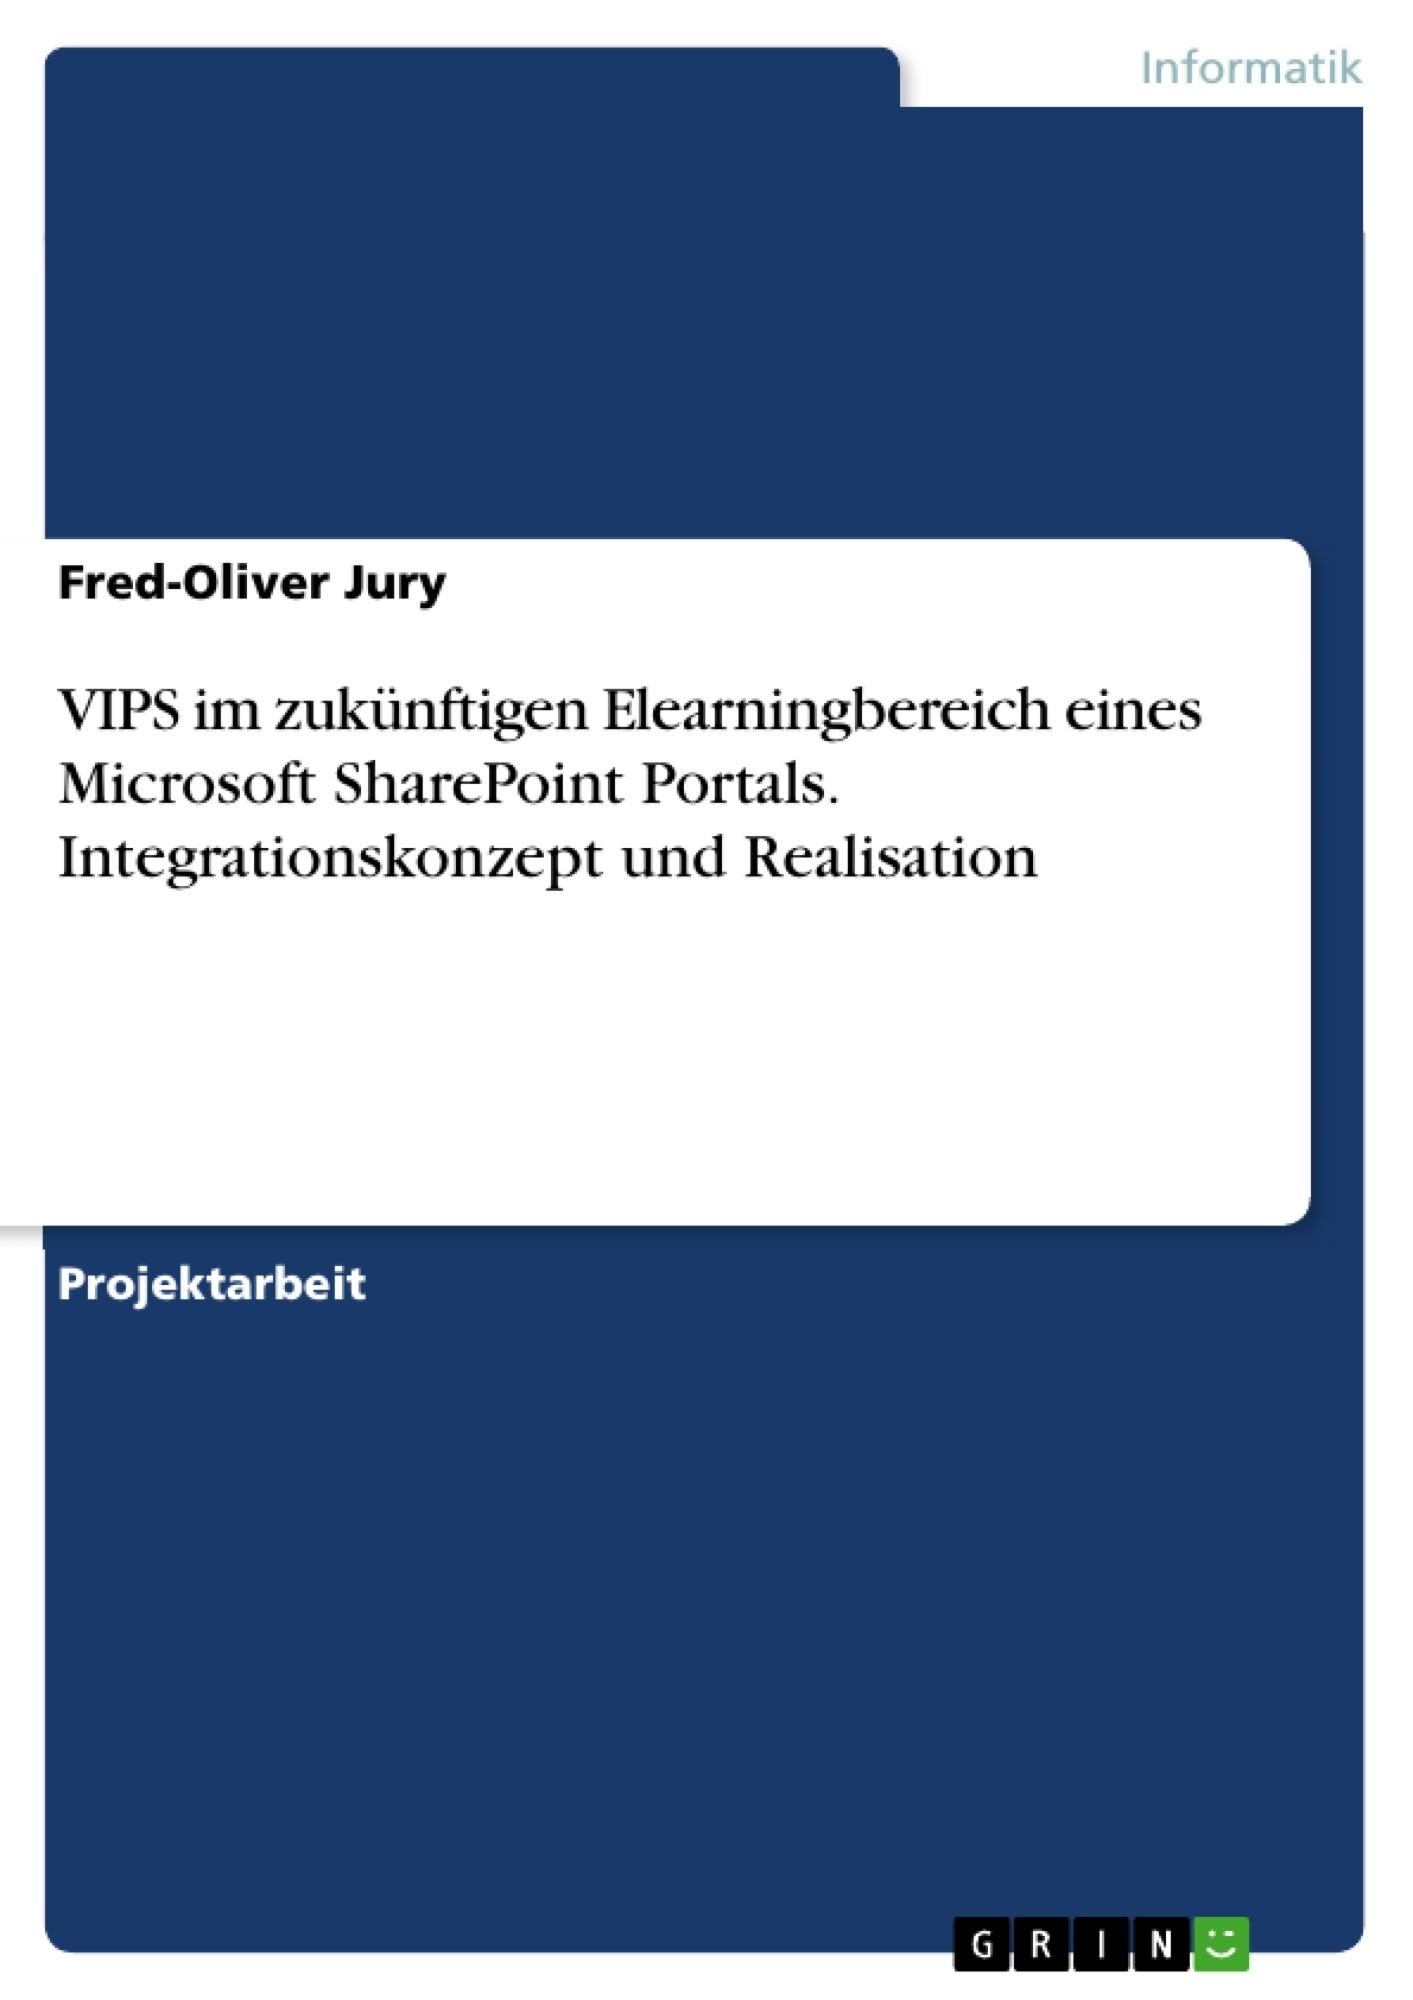 Titel: VIPS  im zukünftigen Elearningbereich eines Microsoft SharePoint Portals. Integrationskonzept und Realisation